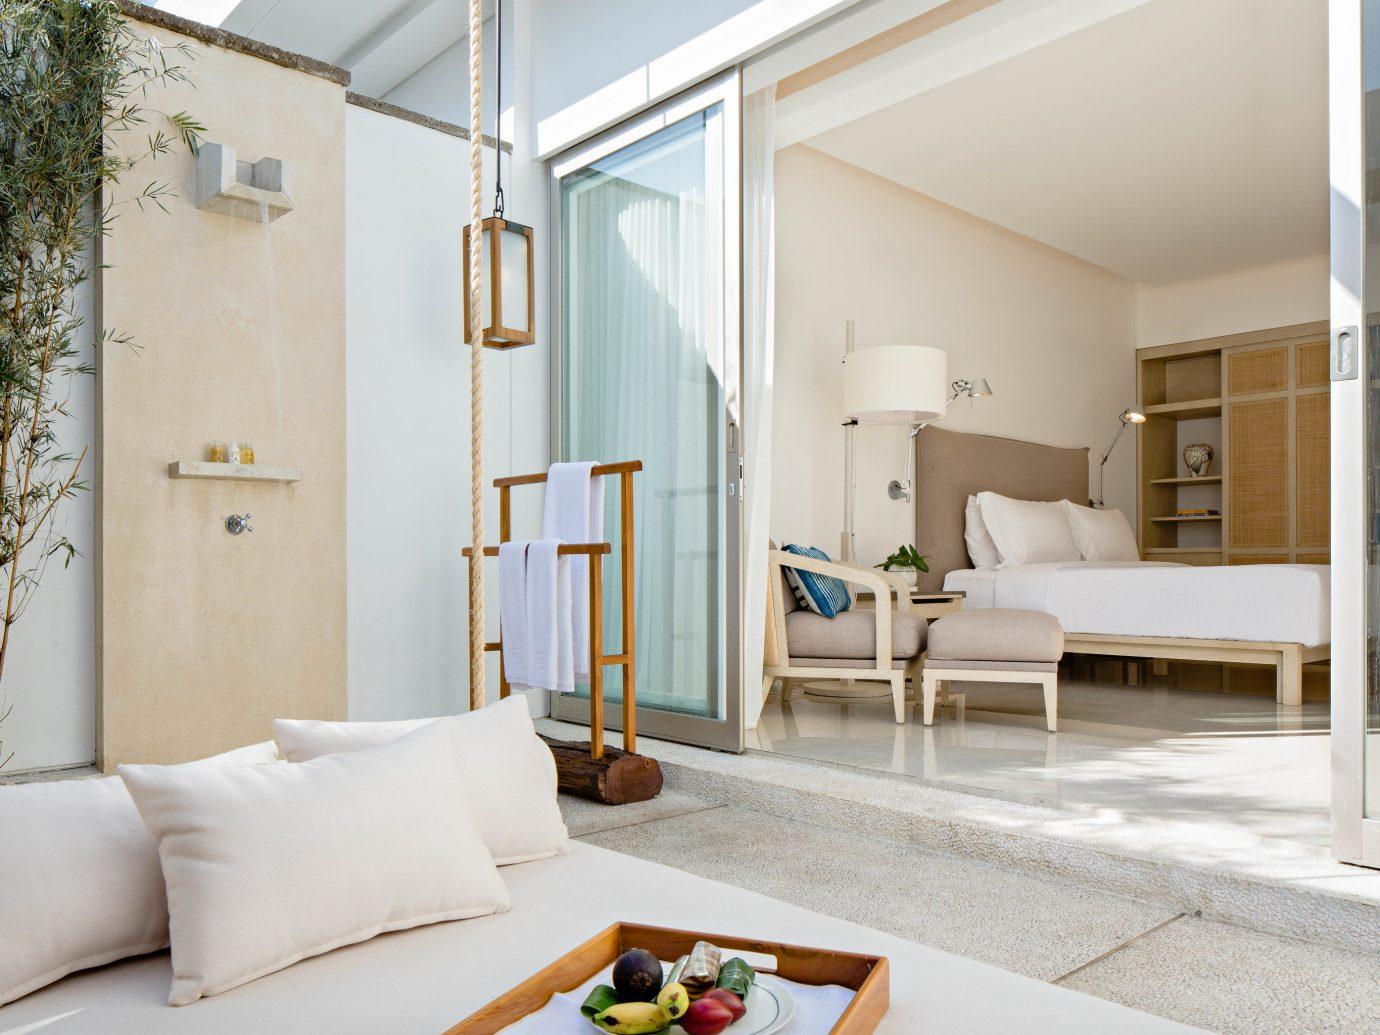 Spring Trips Trip Ideas indoor floor room Living interior design Suite real estate door window living room interior designer furniture decorated